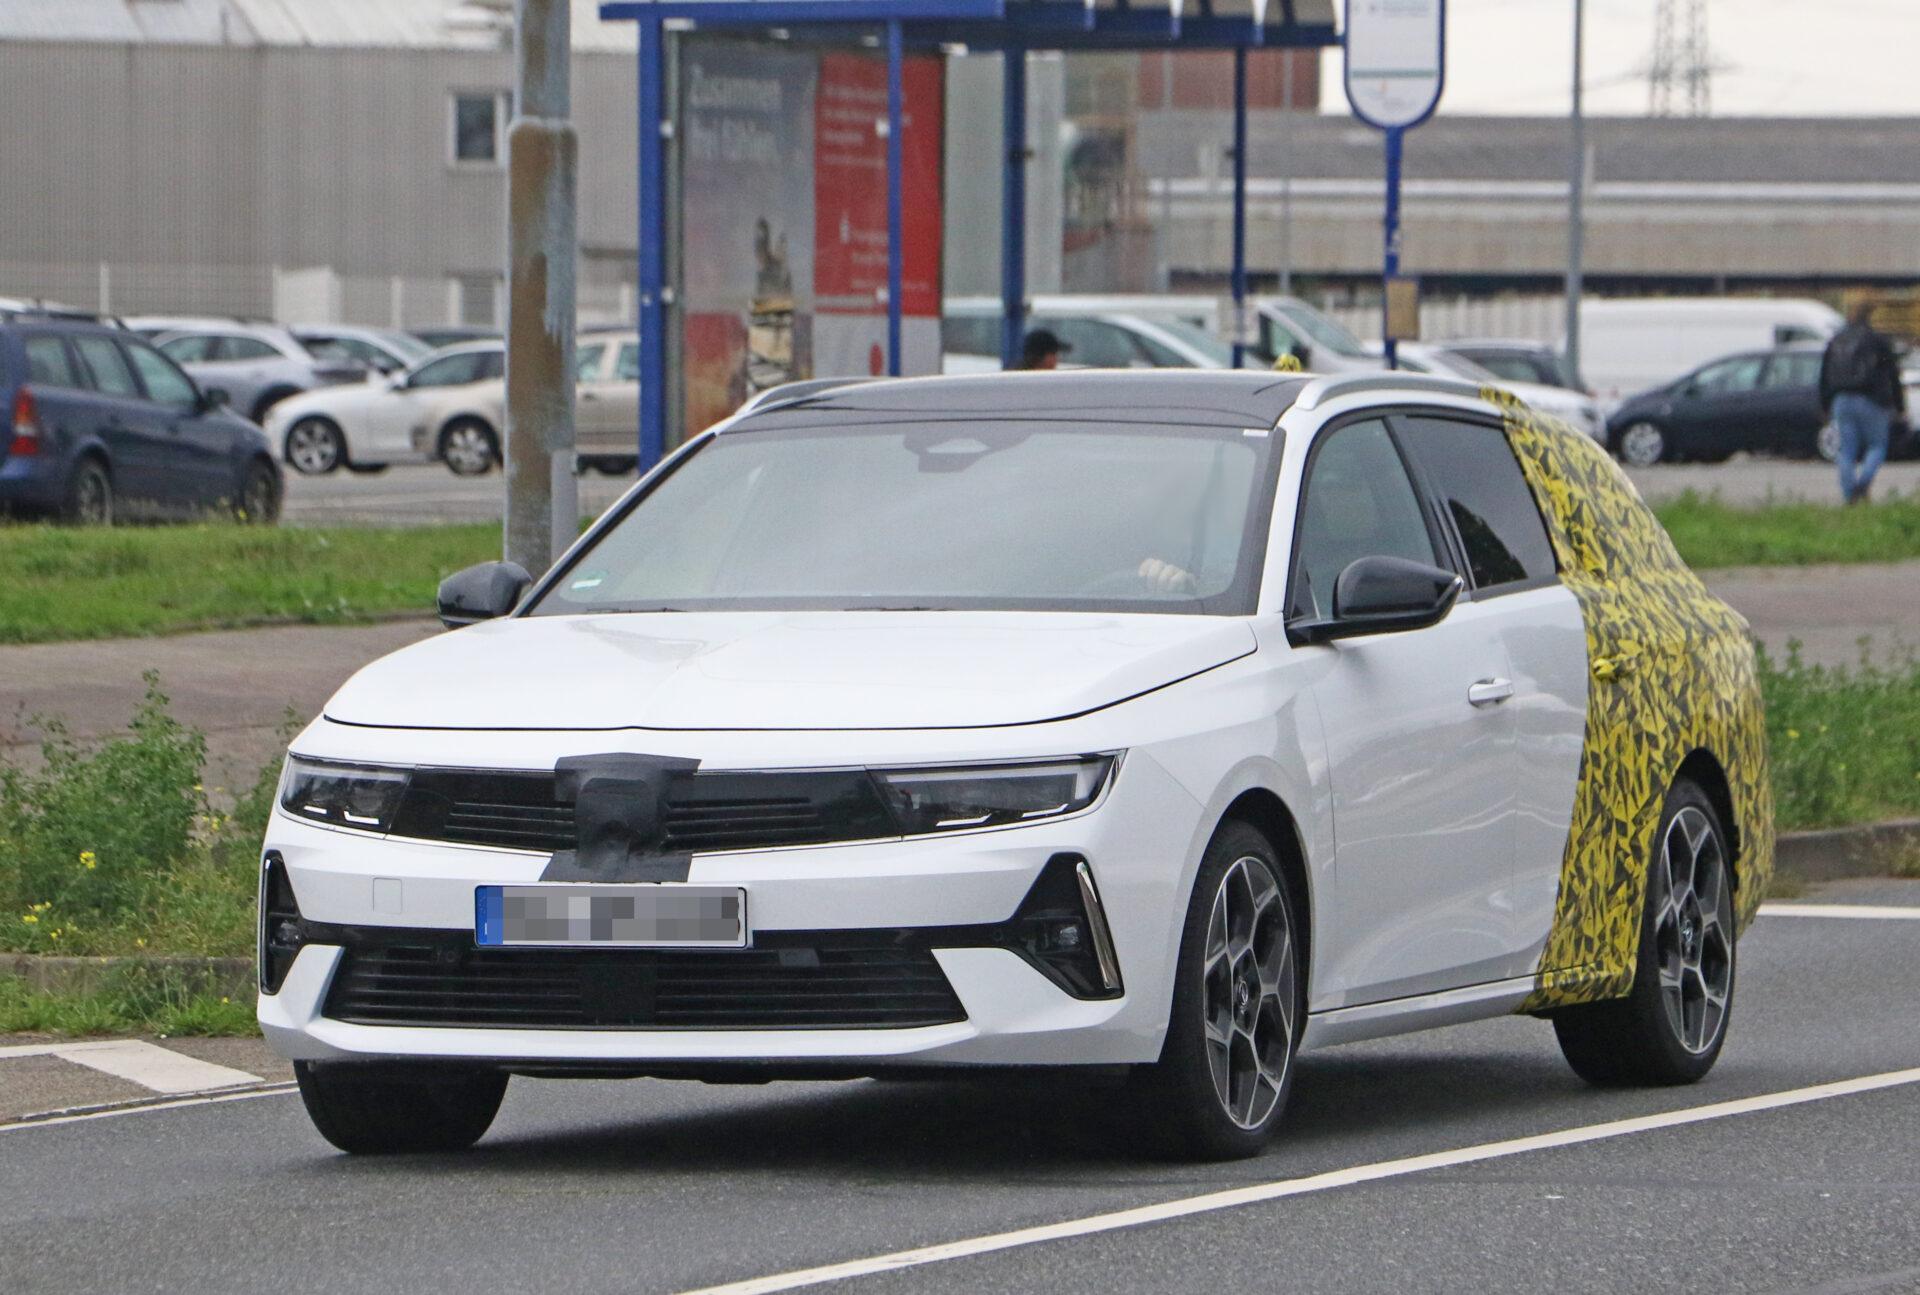 ¡Cazado! Primeras fotos espía del nuevo Opel Astra Sports Tourer 2022 rodando a plena luz del día